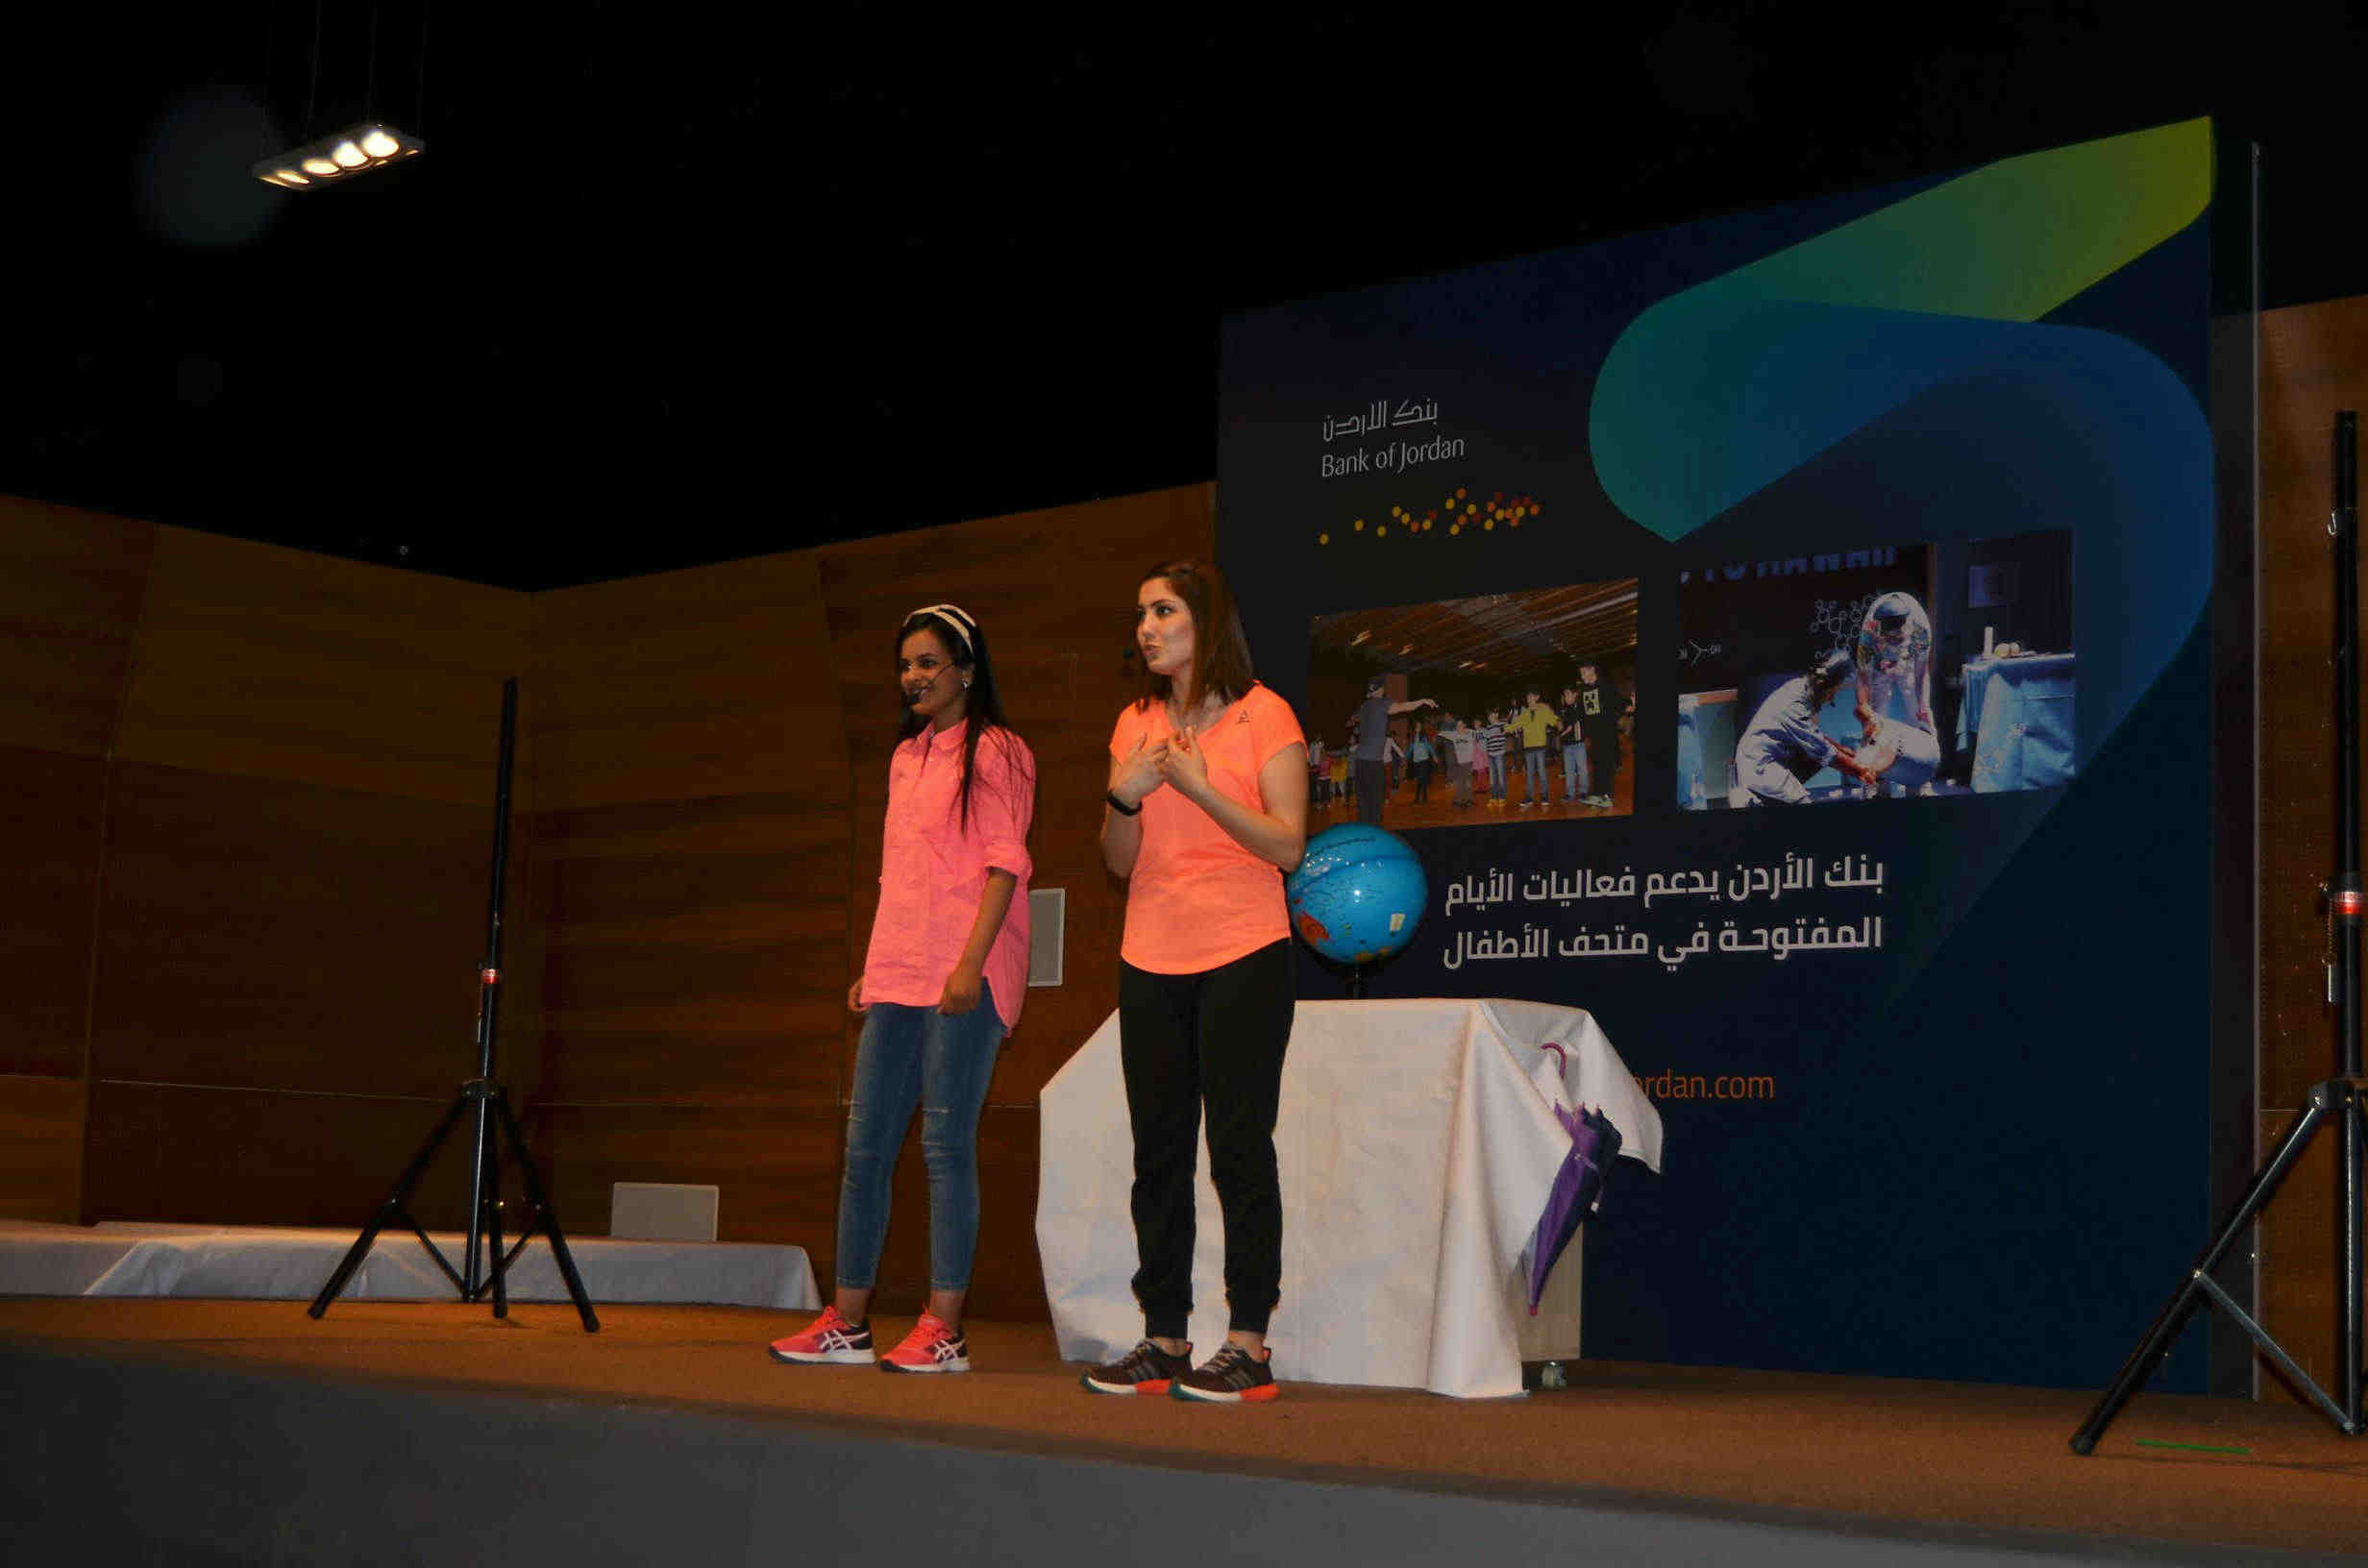 بنك الأردن يدعم (نشاط العلوم) إحدى فعاليات متحف الأطفال الأردن